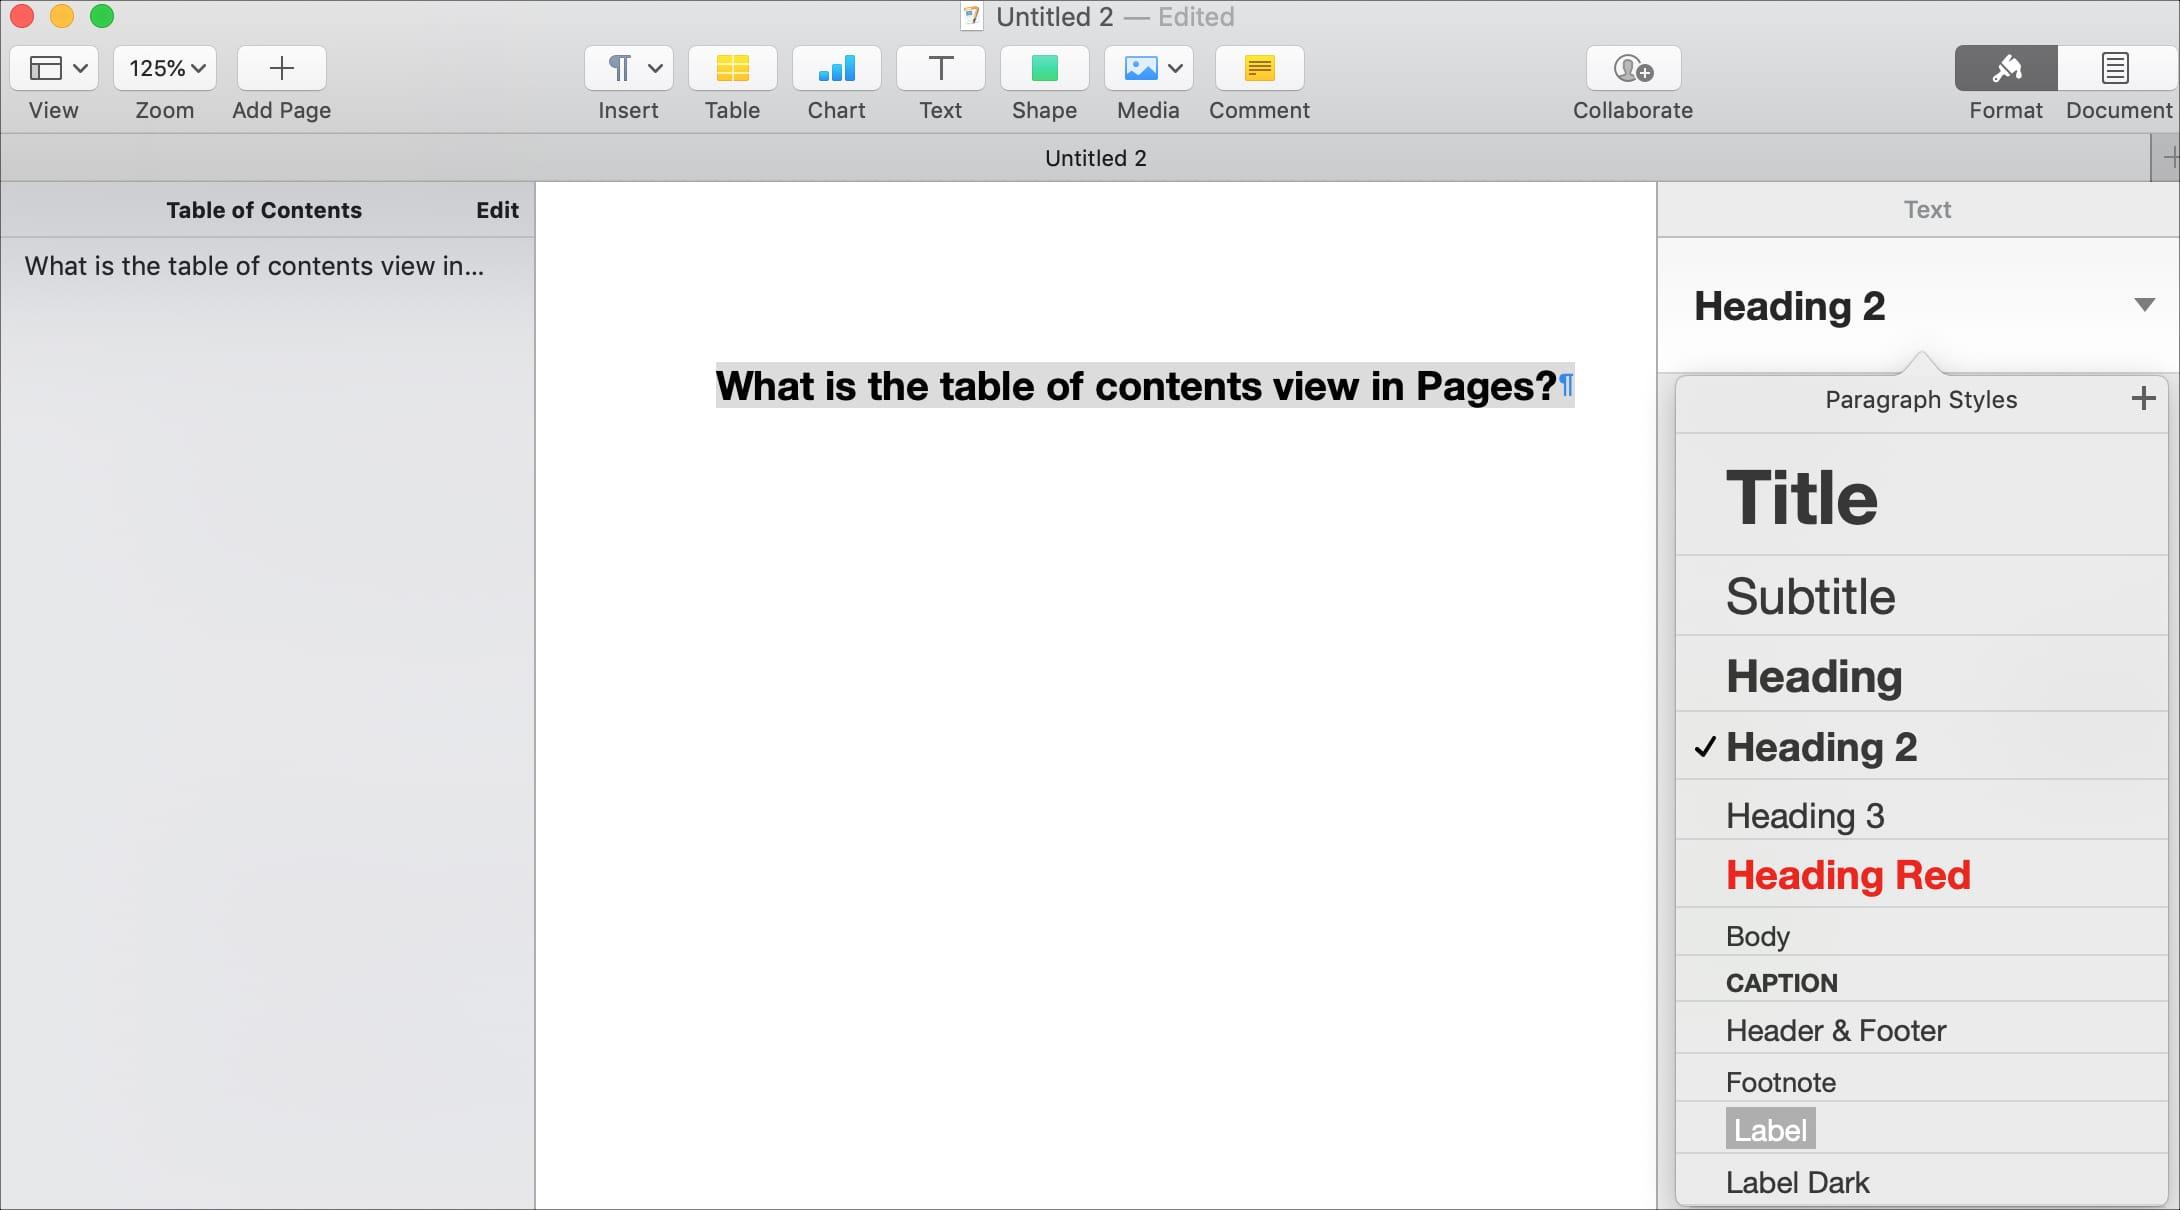 Cambiar los estilos de párrafo en las páginas de la tabla de contenido.